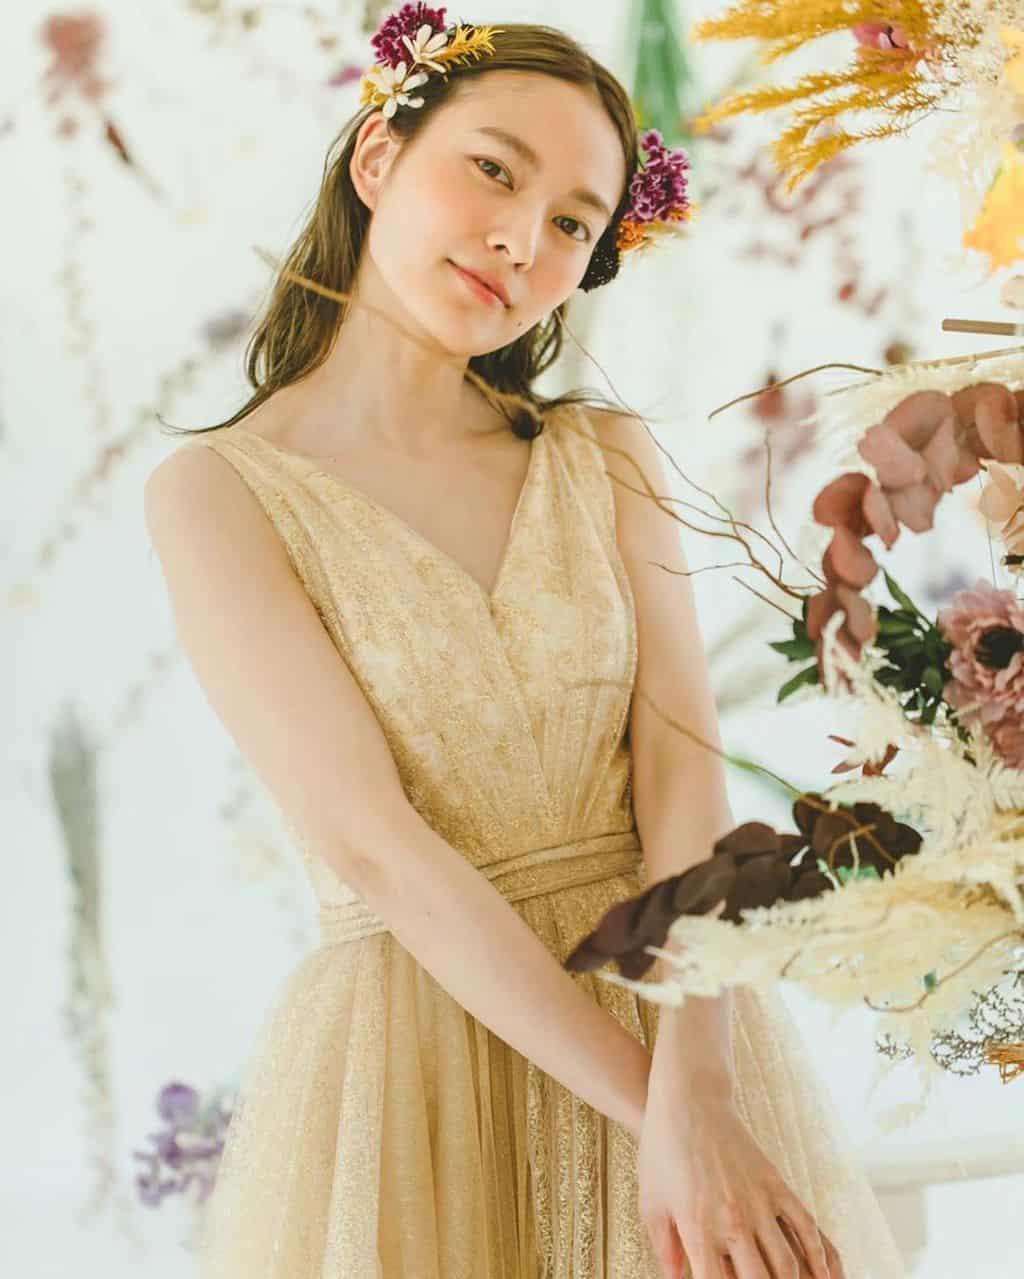 《くすみカラー》をテーマにしたウェディングが人気♡ドレス&高砂コーディネート10選*のカバー写真